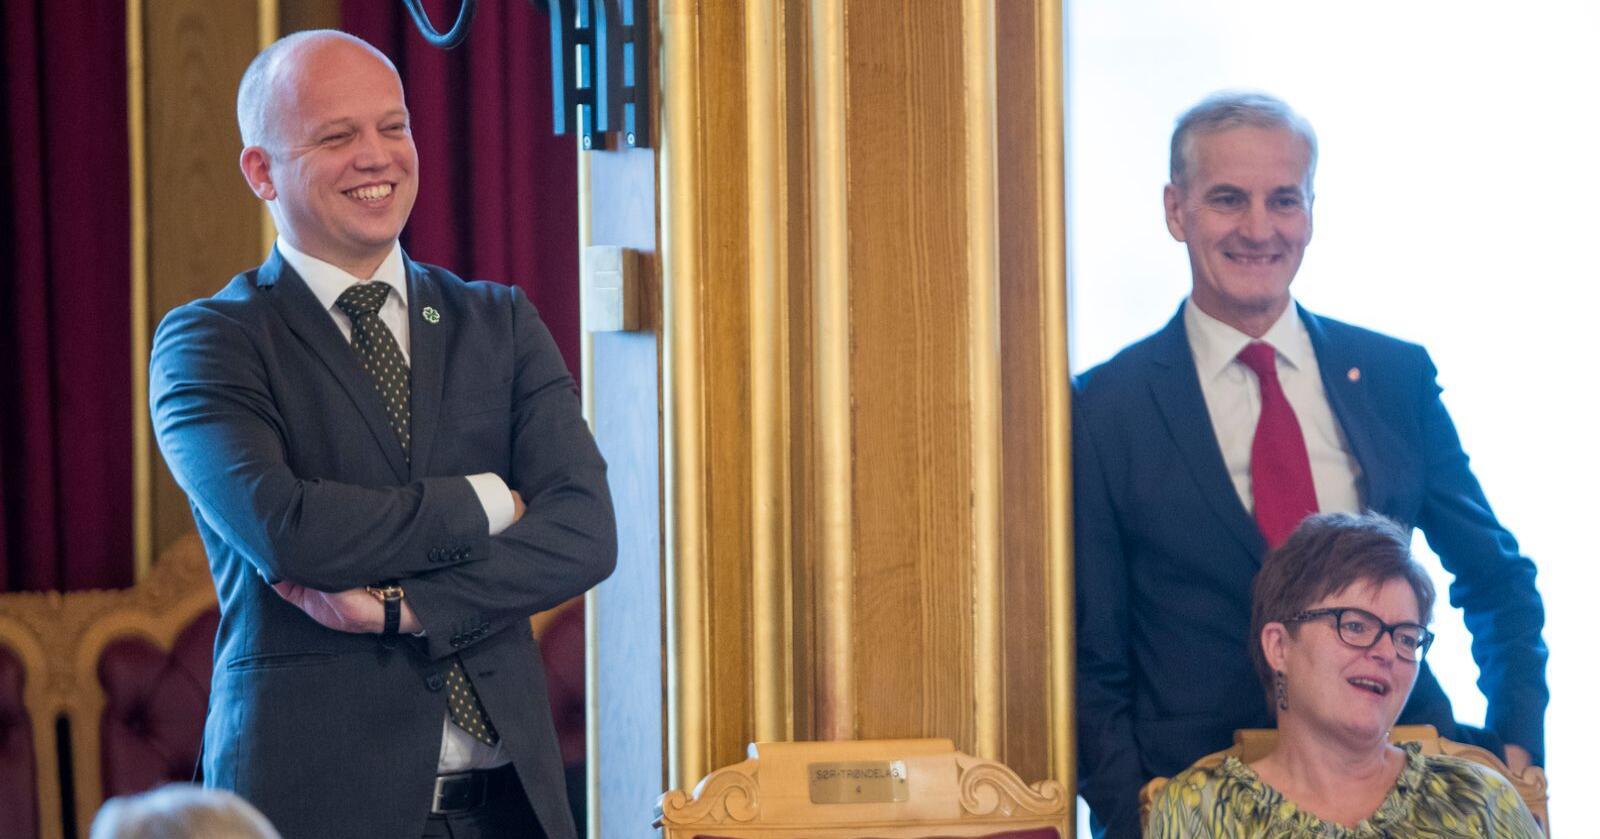 Senterpartiets leder Trygve Slagsvold Vedum (t.v.) og hans kollega Jonas Gahr Støre i Arbeiderpartiet (t.h.) har til sammen 82 mandater på Stortinget på et gjennomsnitt av de nasjonale målingene i november. Foran er Sps Heidi Greni. Foto: Terje Pedersen / NTB scanpix